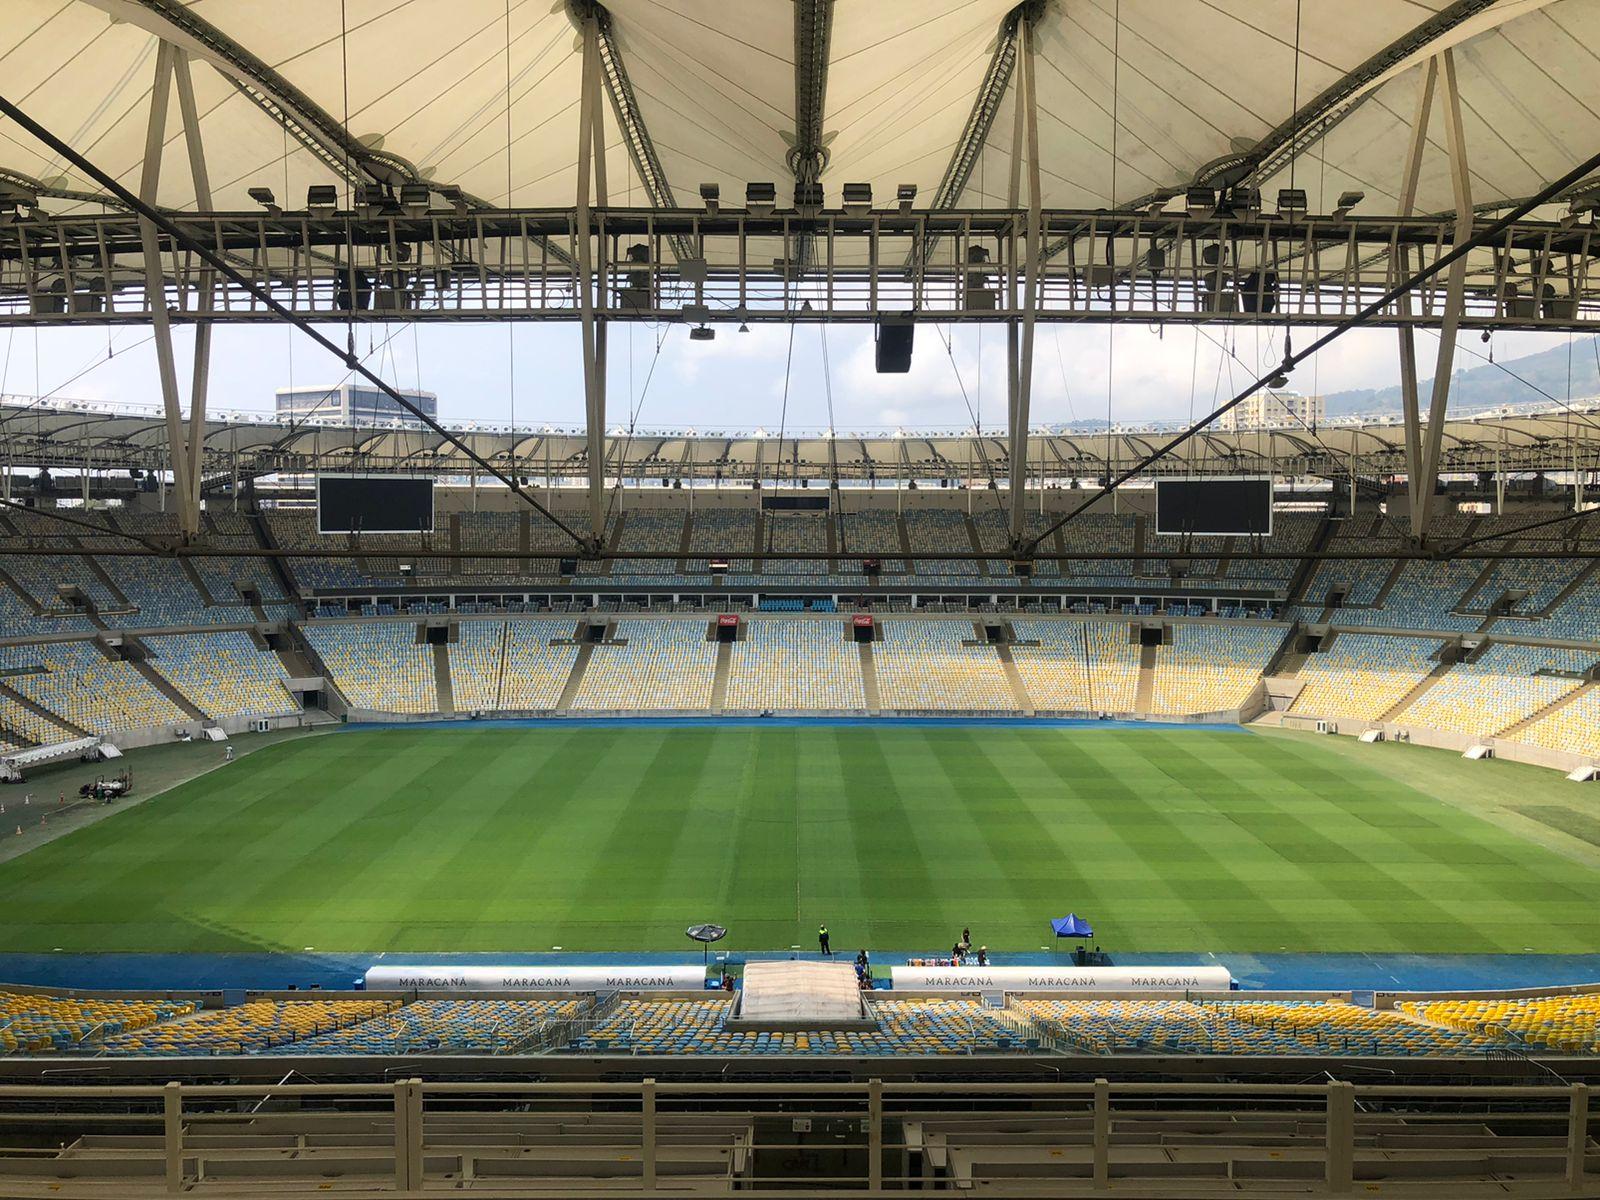 Com objetivos divergentes, Flamengo e Grêmio se enfrentam na noite deste domingo (19), às 20h30, no Estádio Maracanã, no Rio de Janeiro (RJ)